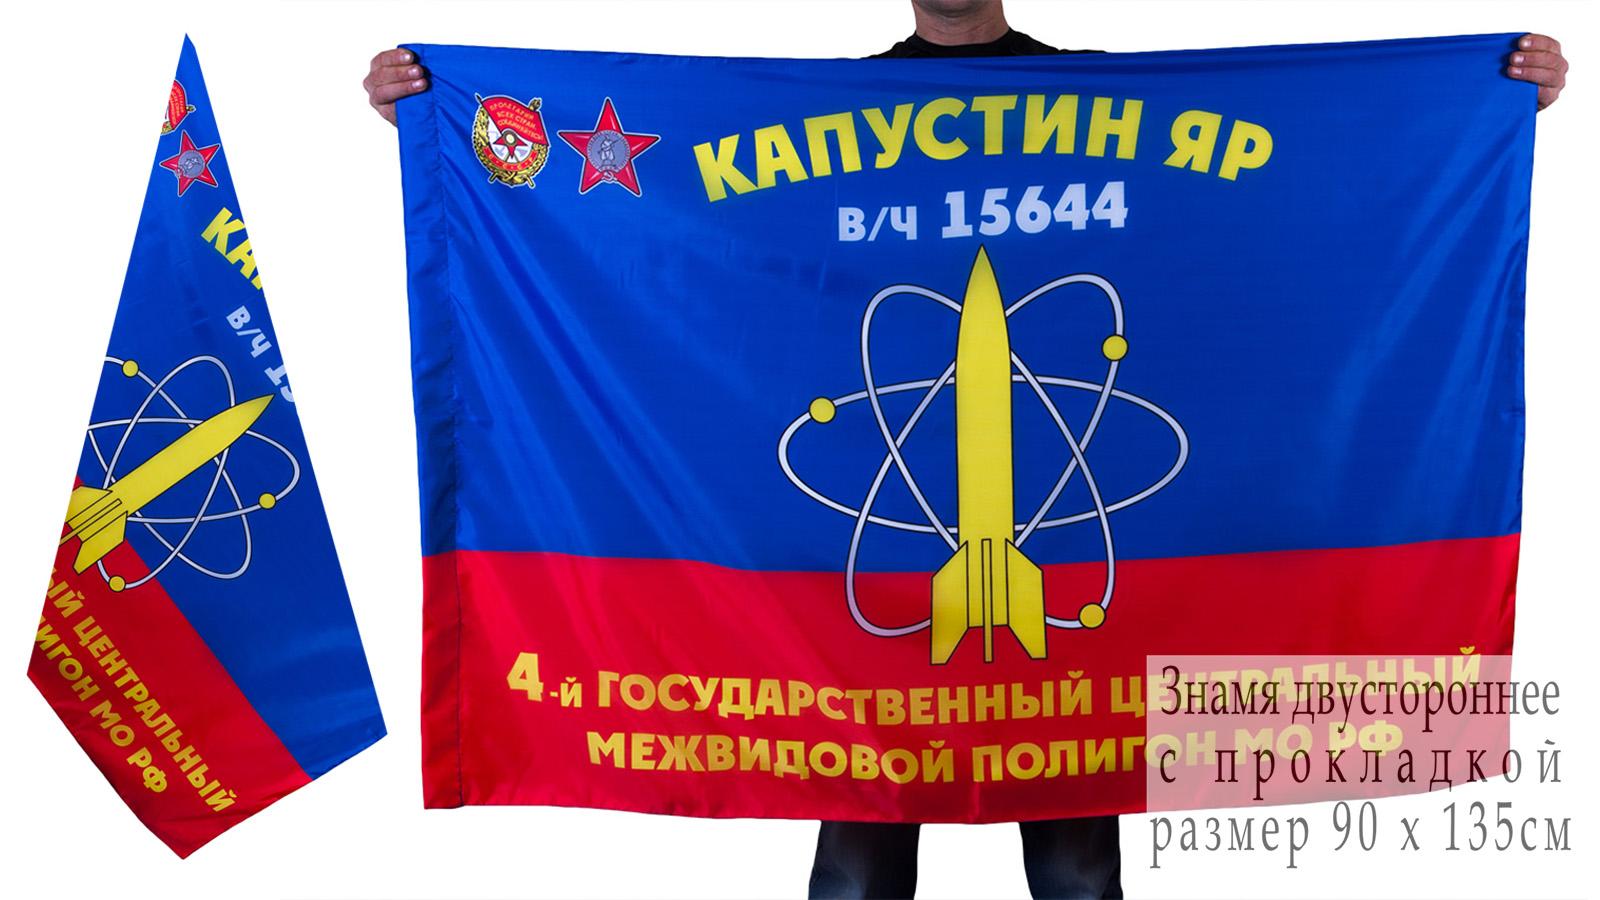 Знамя 4-го Государственного центрального межвидового полигона МО РФ